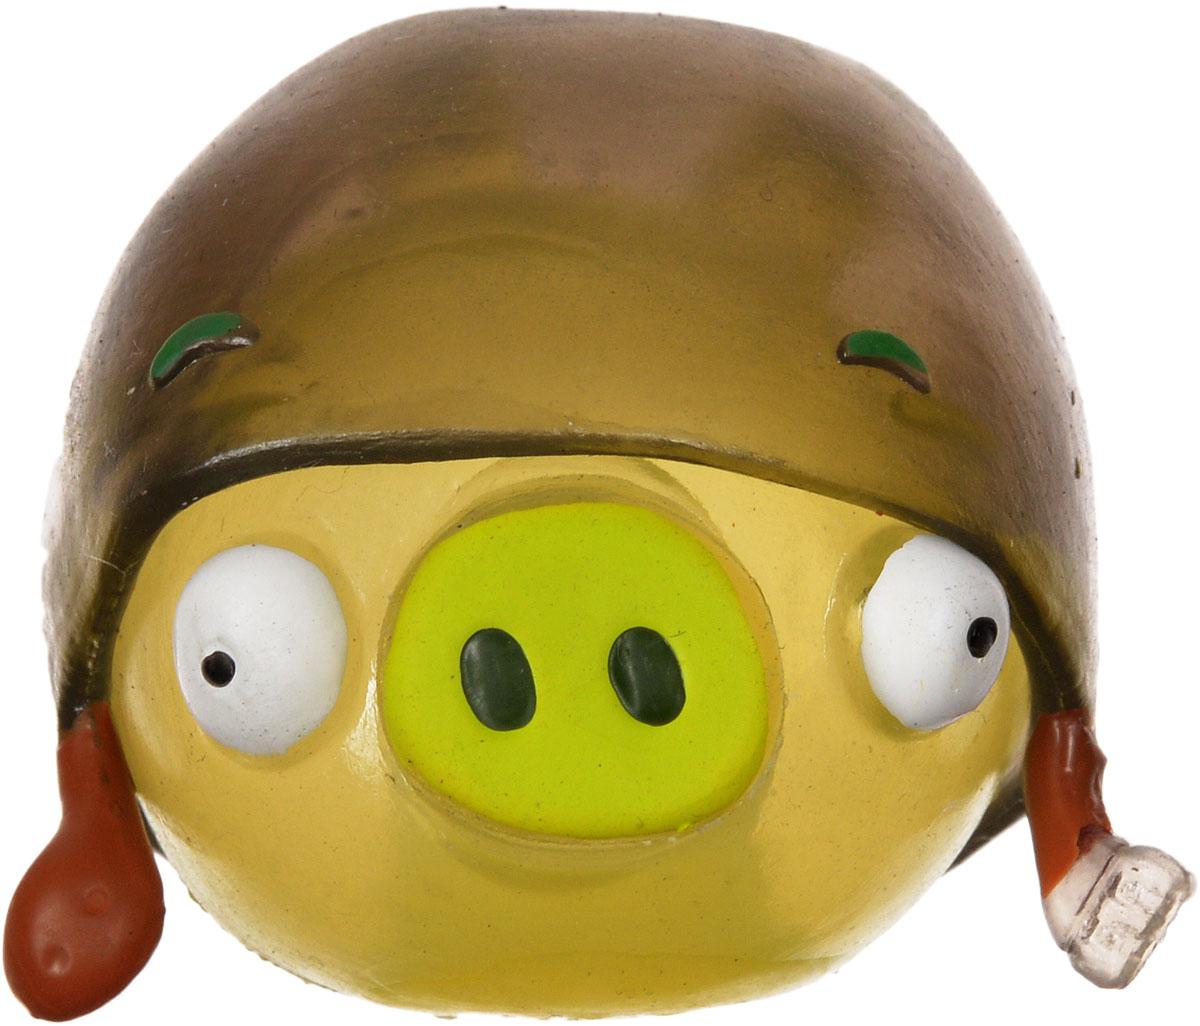 Angry Birds Игрушка-мялка с парашютом Свин в шапке50331-0000012-04_свин в шапкеДетская игрушка Angry Birds Свин в шапке - это игрушка-мялка, выполненная в виде персонажа всеми любимой игры Angry Birds. Игрушка выполнена из мягкой резины, внутри которой находиться жидкий наполнитель, благодаря чему она легко изменяет форму и структуру при приложении к ней физической силы, а затем принимает первоначальный вид. В комплект входит также каска с парашютом, которую можно надеть на игрушку и запустить ее в воздух. Игрушка-мялка с парашютом Свин в шапке наверняка понравится вашему малышу. Порадуйте его таким замечательным подарком!